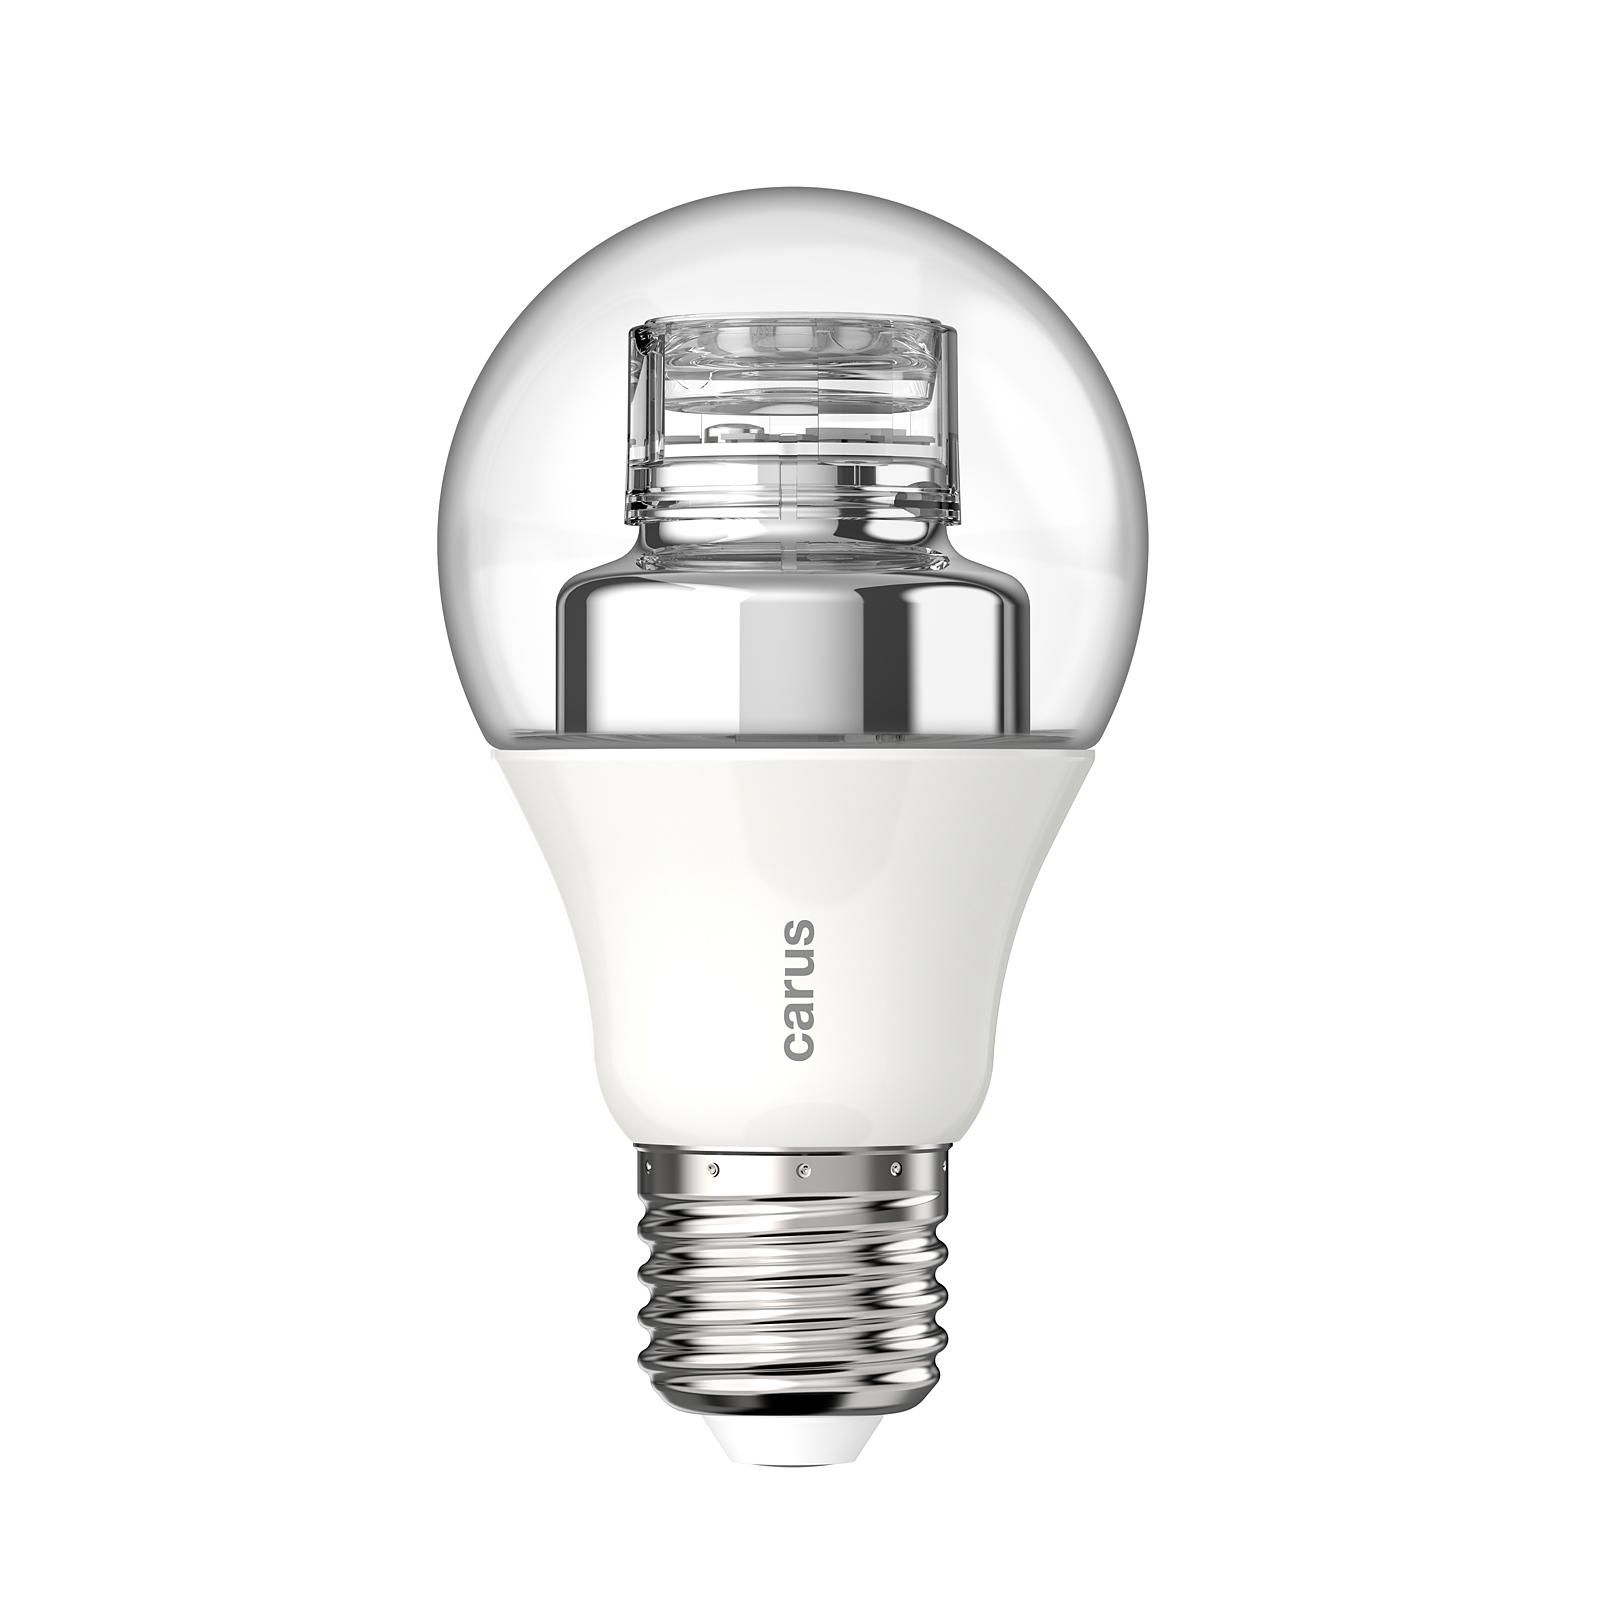 Carus warm by click lampe e27 7 5w 470lm wie 40 watt for Led lampen 0 3 watt